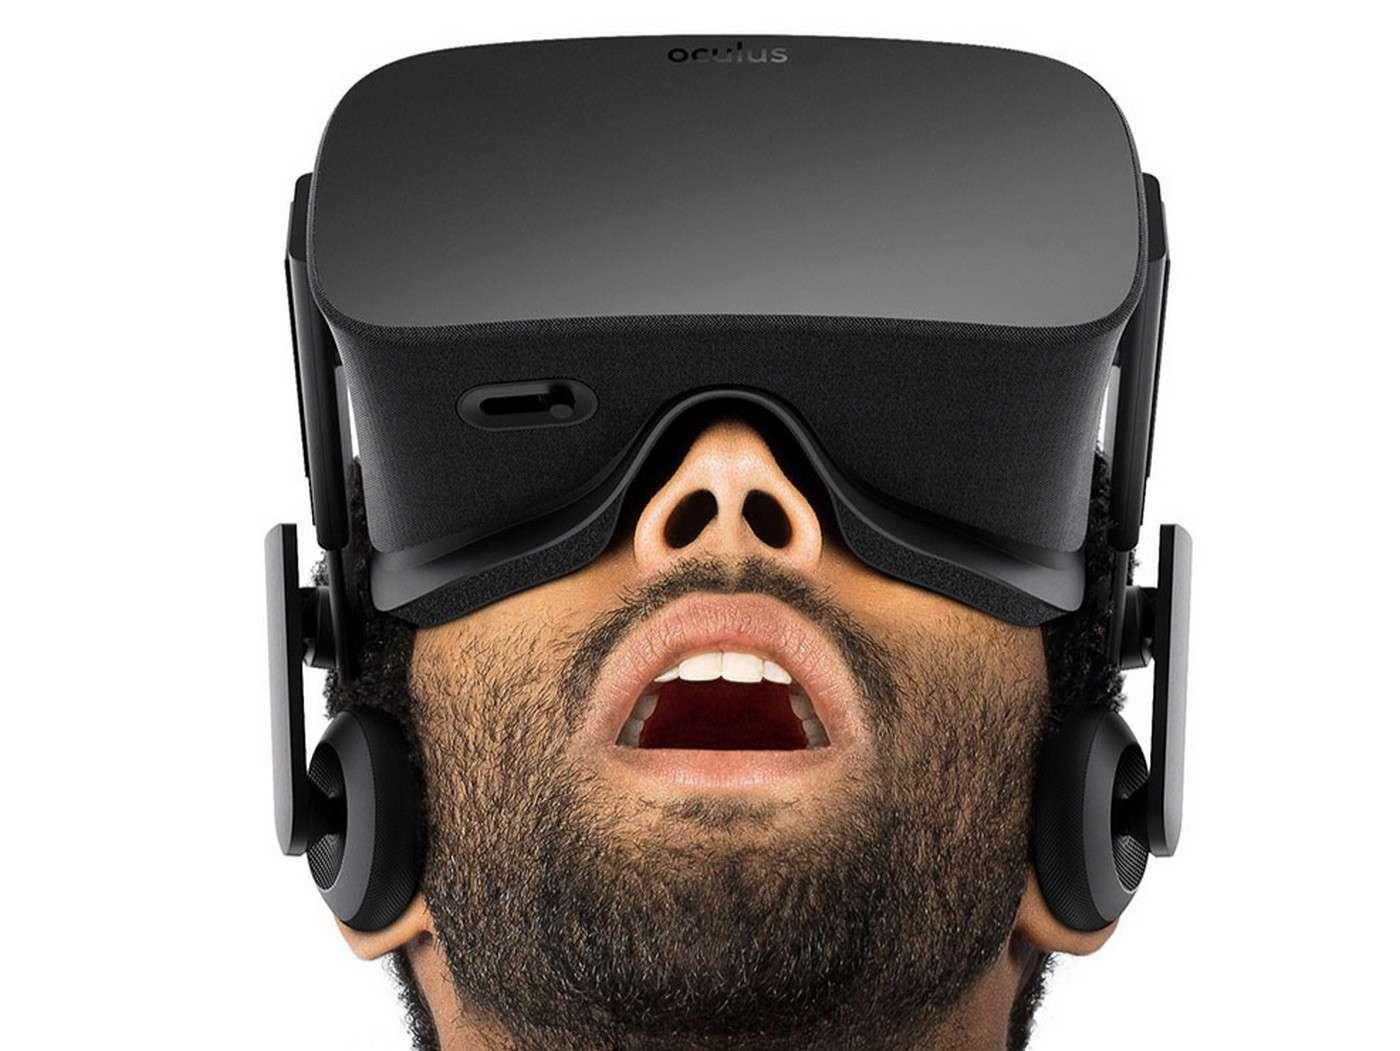 Mark Zuckerberg, le cofondateur et patron de Facebook, croit beaucoup au potentiel de la réalité virtuelle. Il espère notamment que cette technologie permettra à terme de transformer son réseau social en un monde virtuel dans lequel les membres pourront interagir comme s'ils étaient en présence les uns des autres. © Oculus VR